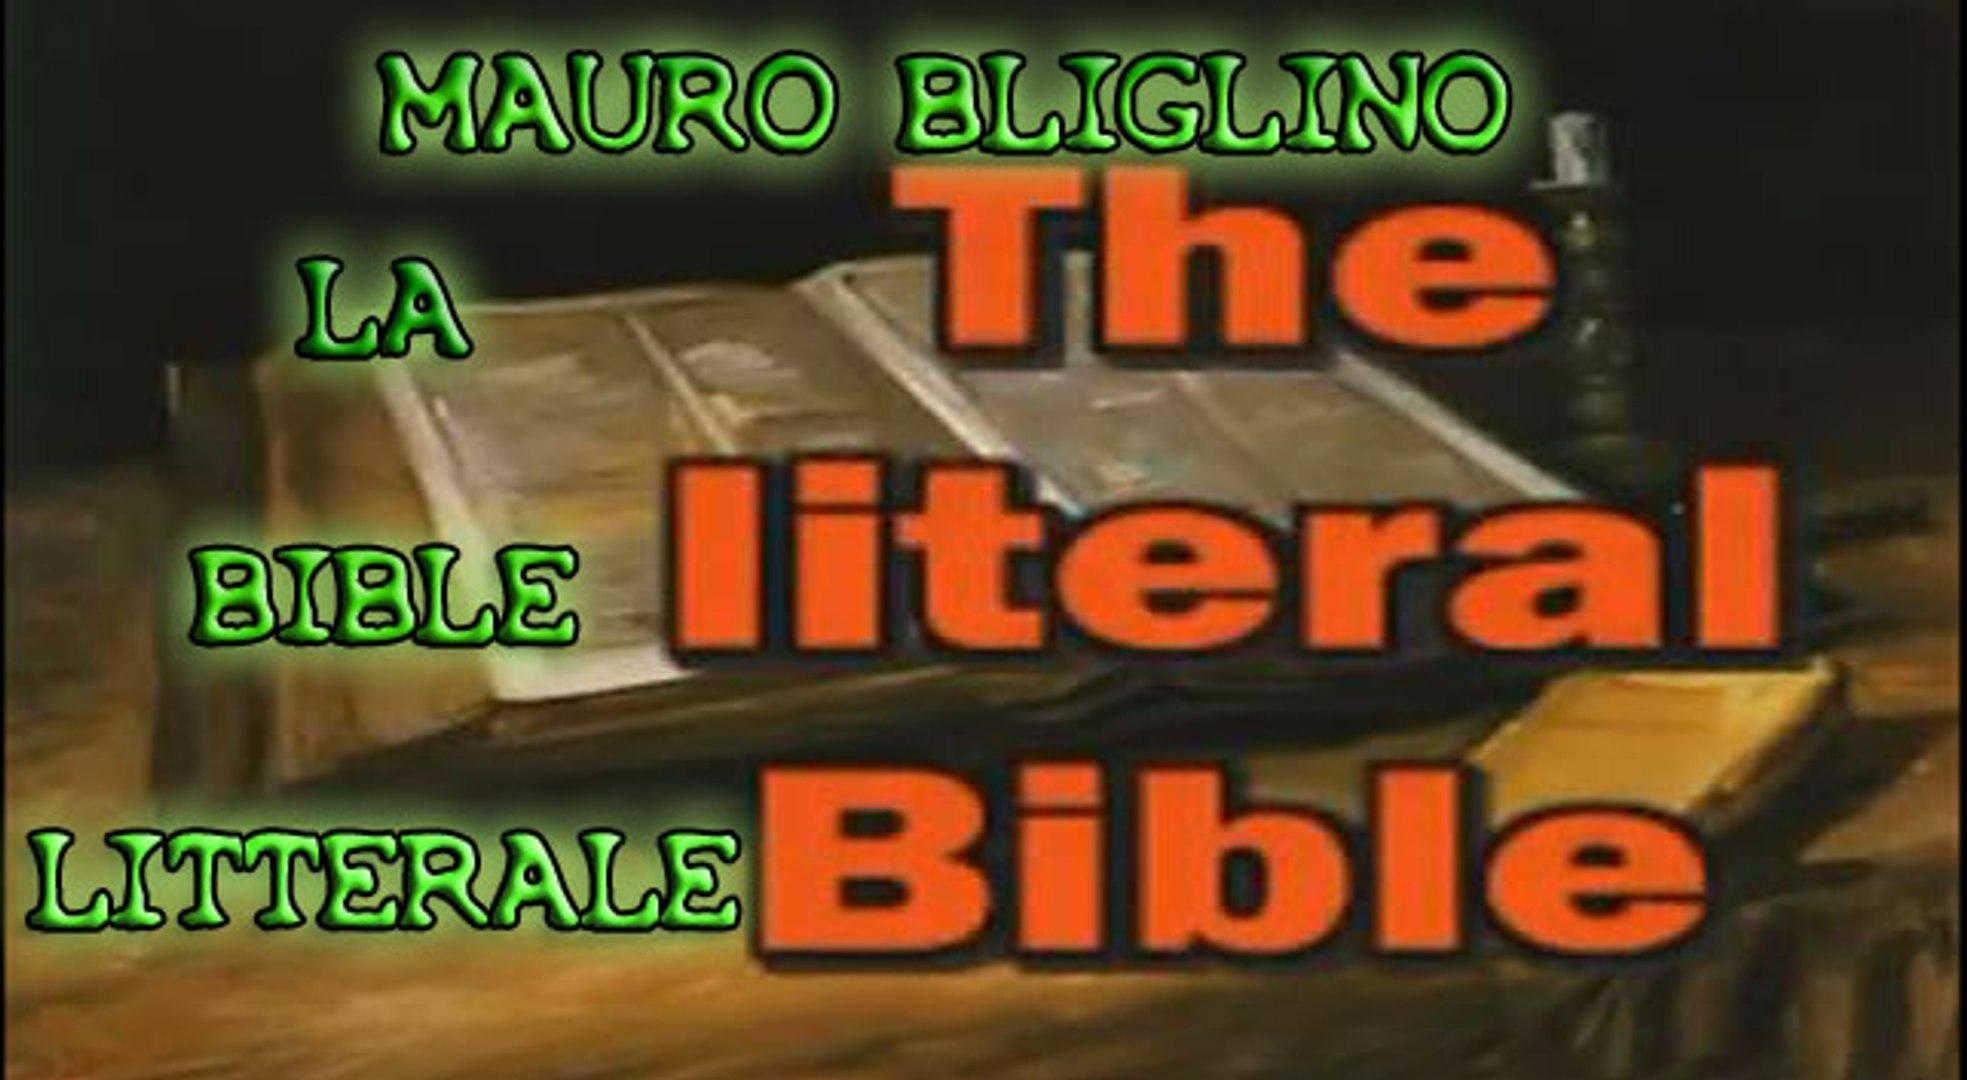 Mauro Biglino: la Bible littérale (Partie 1)